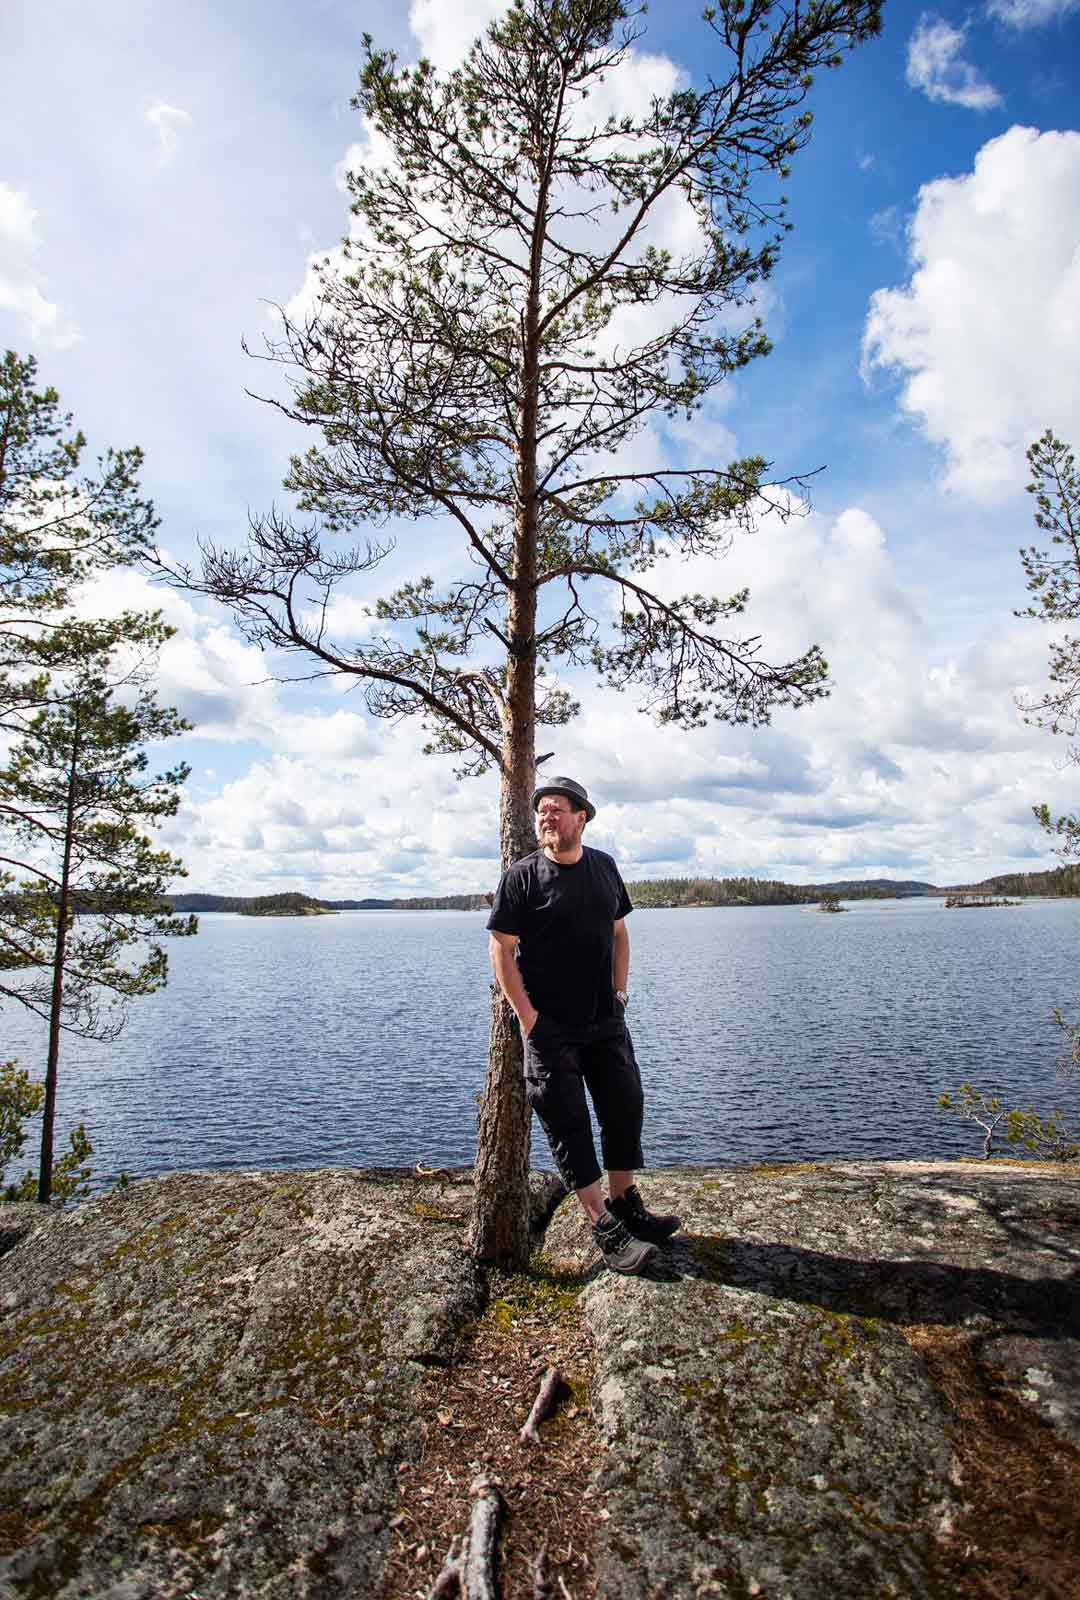 Mahdollisesti jo kivikaudella asutettu kallionkieleke on yksi Ville Haapasalon näköalapaikoista Saimaan rannalla.